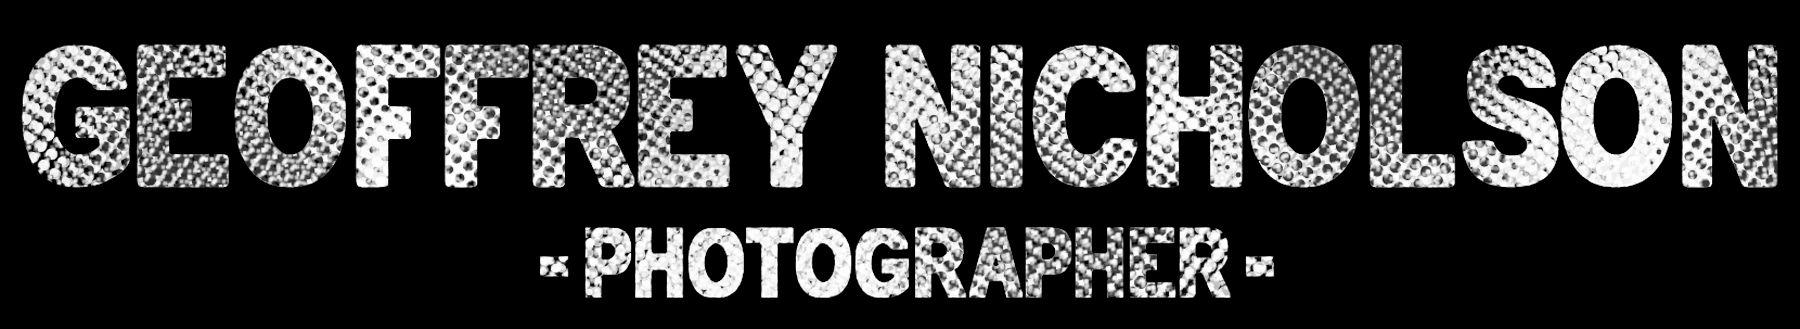 Geoffrey Nicholson - Photographer